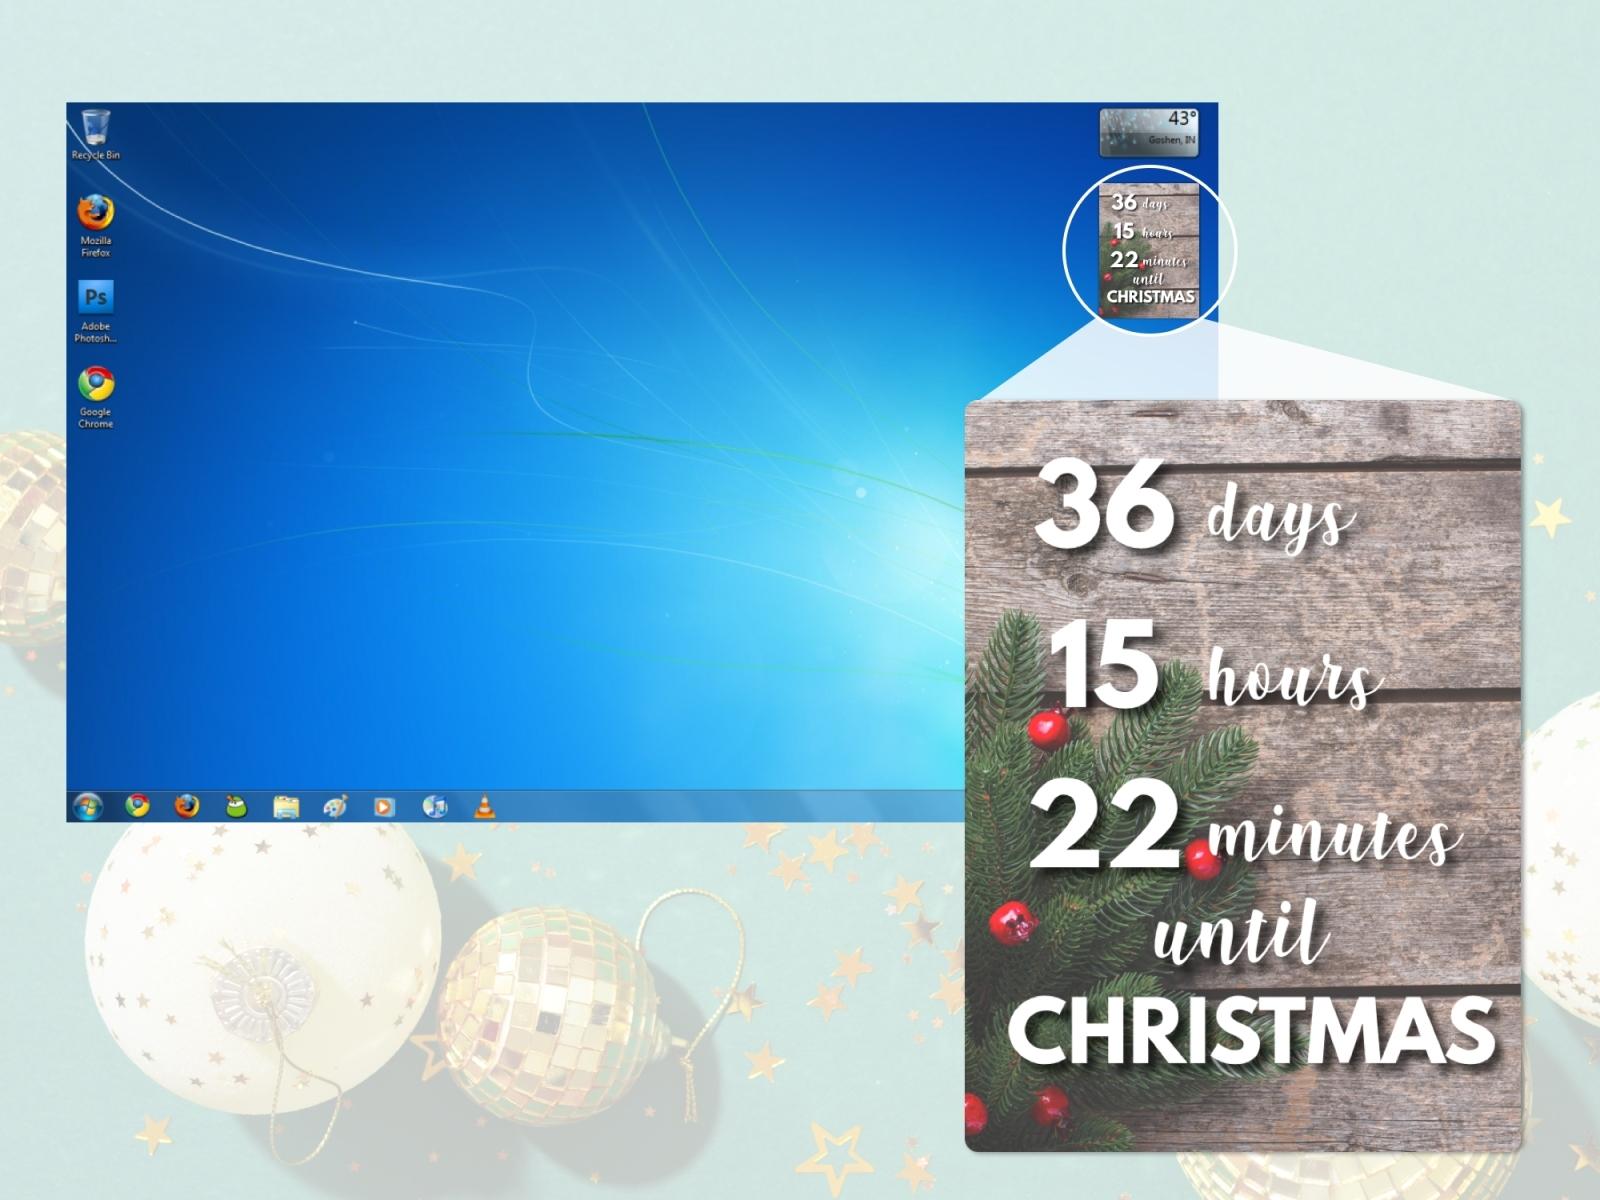 Countdown Calendar Widget For Desktop   Free Calendar Template Example in Countdown Calendar For Computer Desktop Image